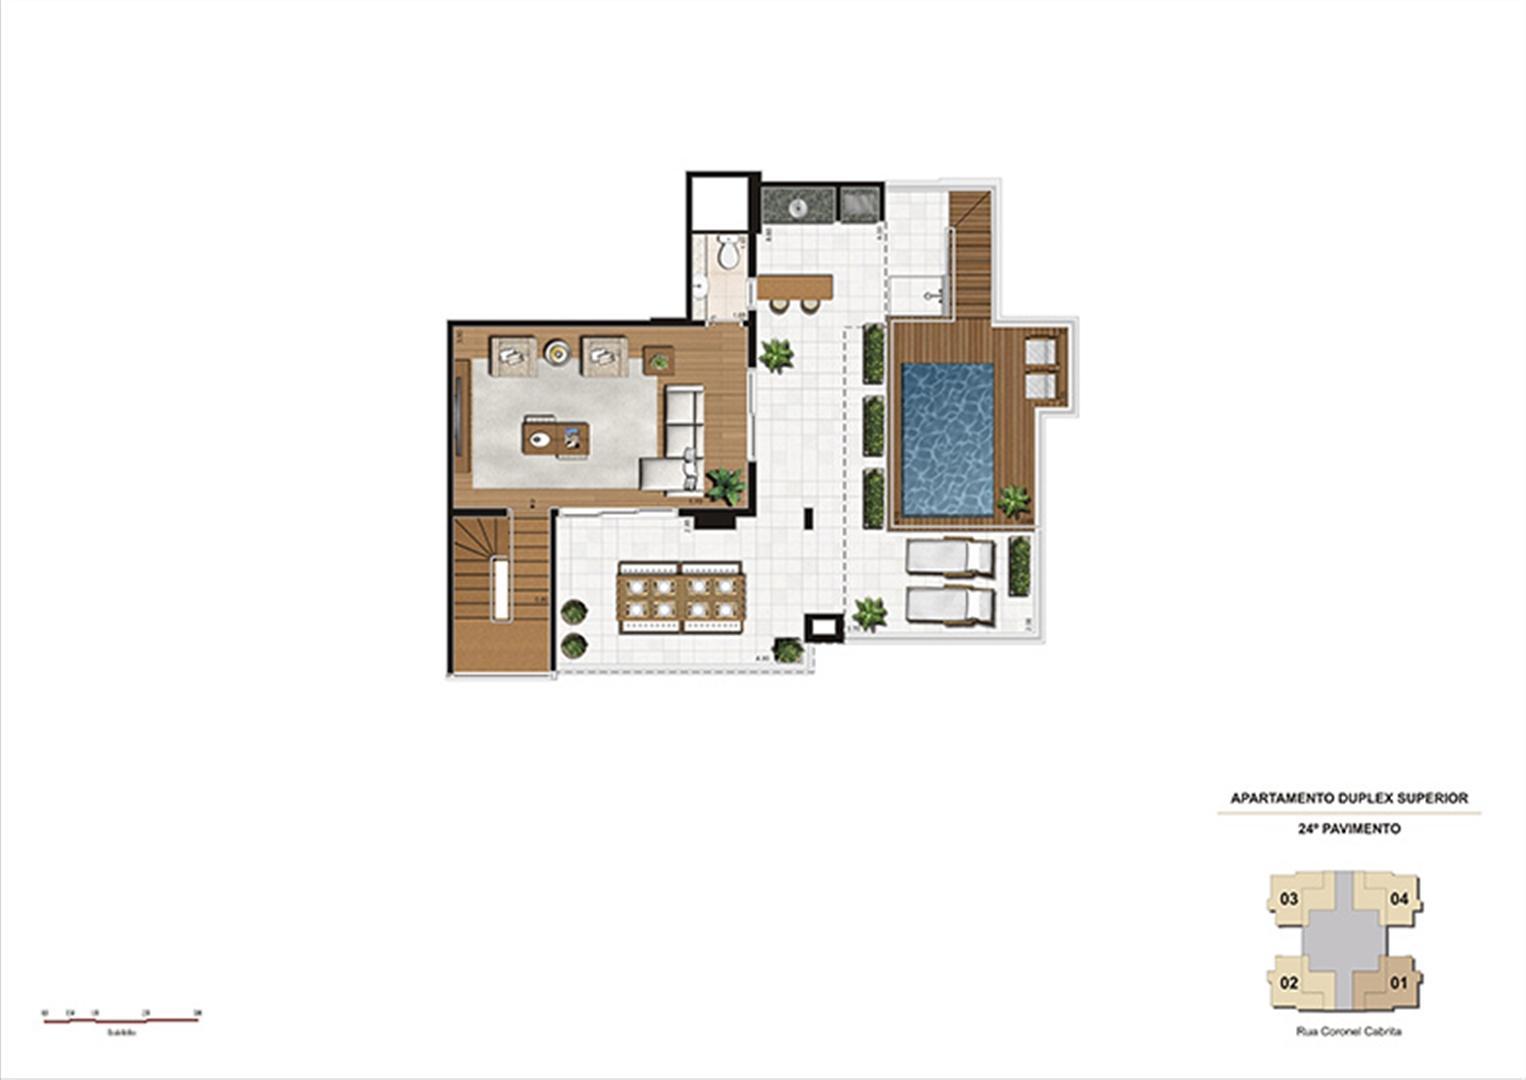 Duplex Superior – 215m² - Sala, lavabo, churrasqueira e piscina | Gioia – Apartamento na  Aclimação - São Paulo - São Paulo